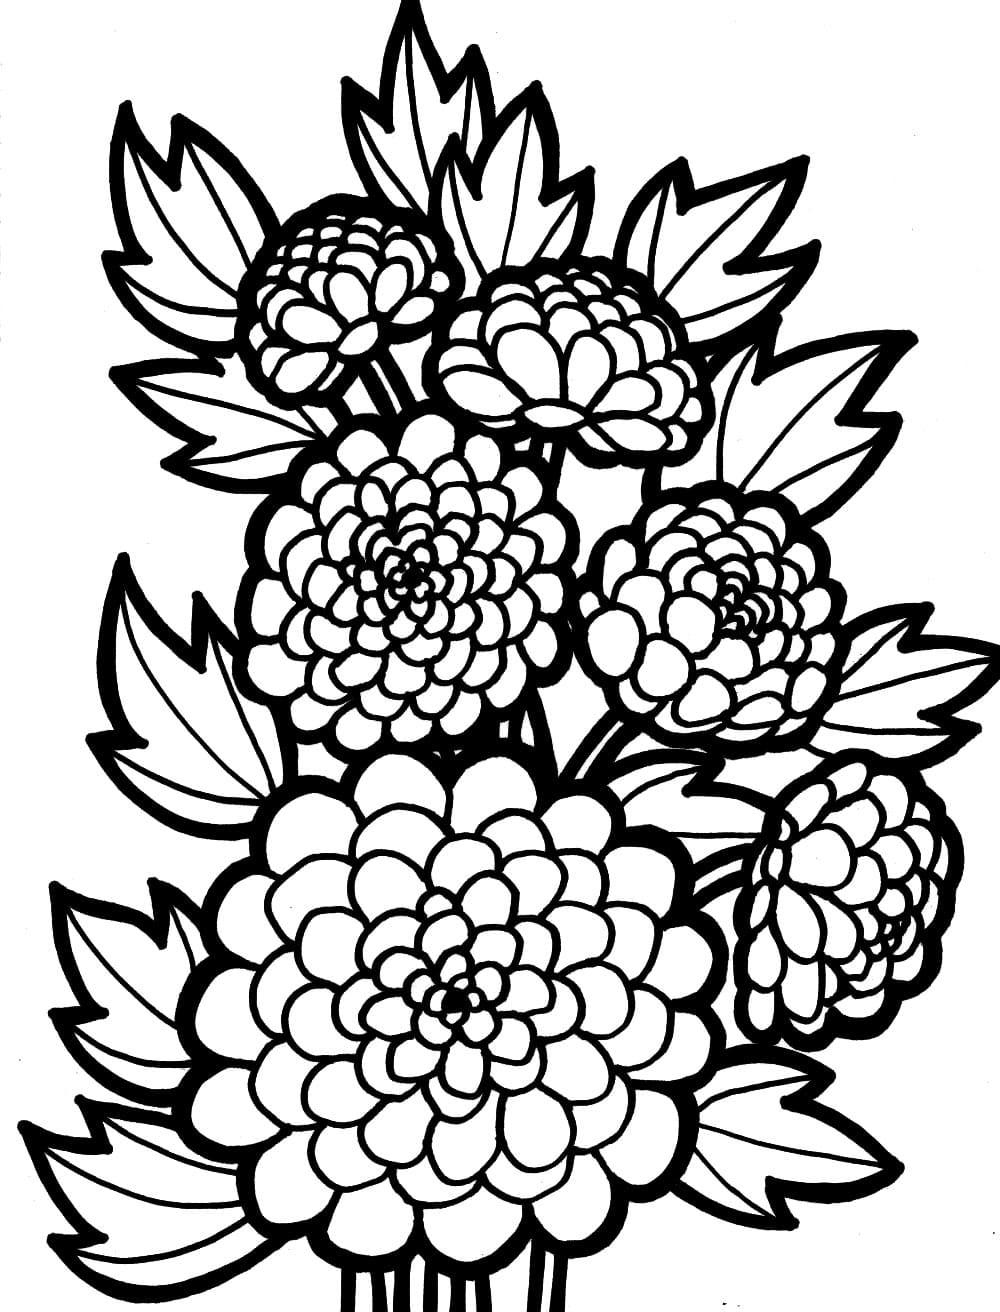 Ausmalbilder Blumen. Schöne Bilder Für Die Kreativität Der in Blumenstrauß Ausmalbilder